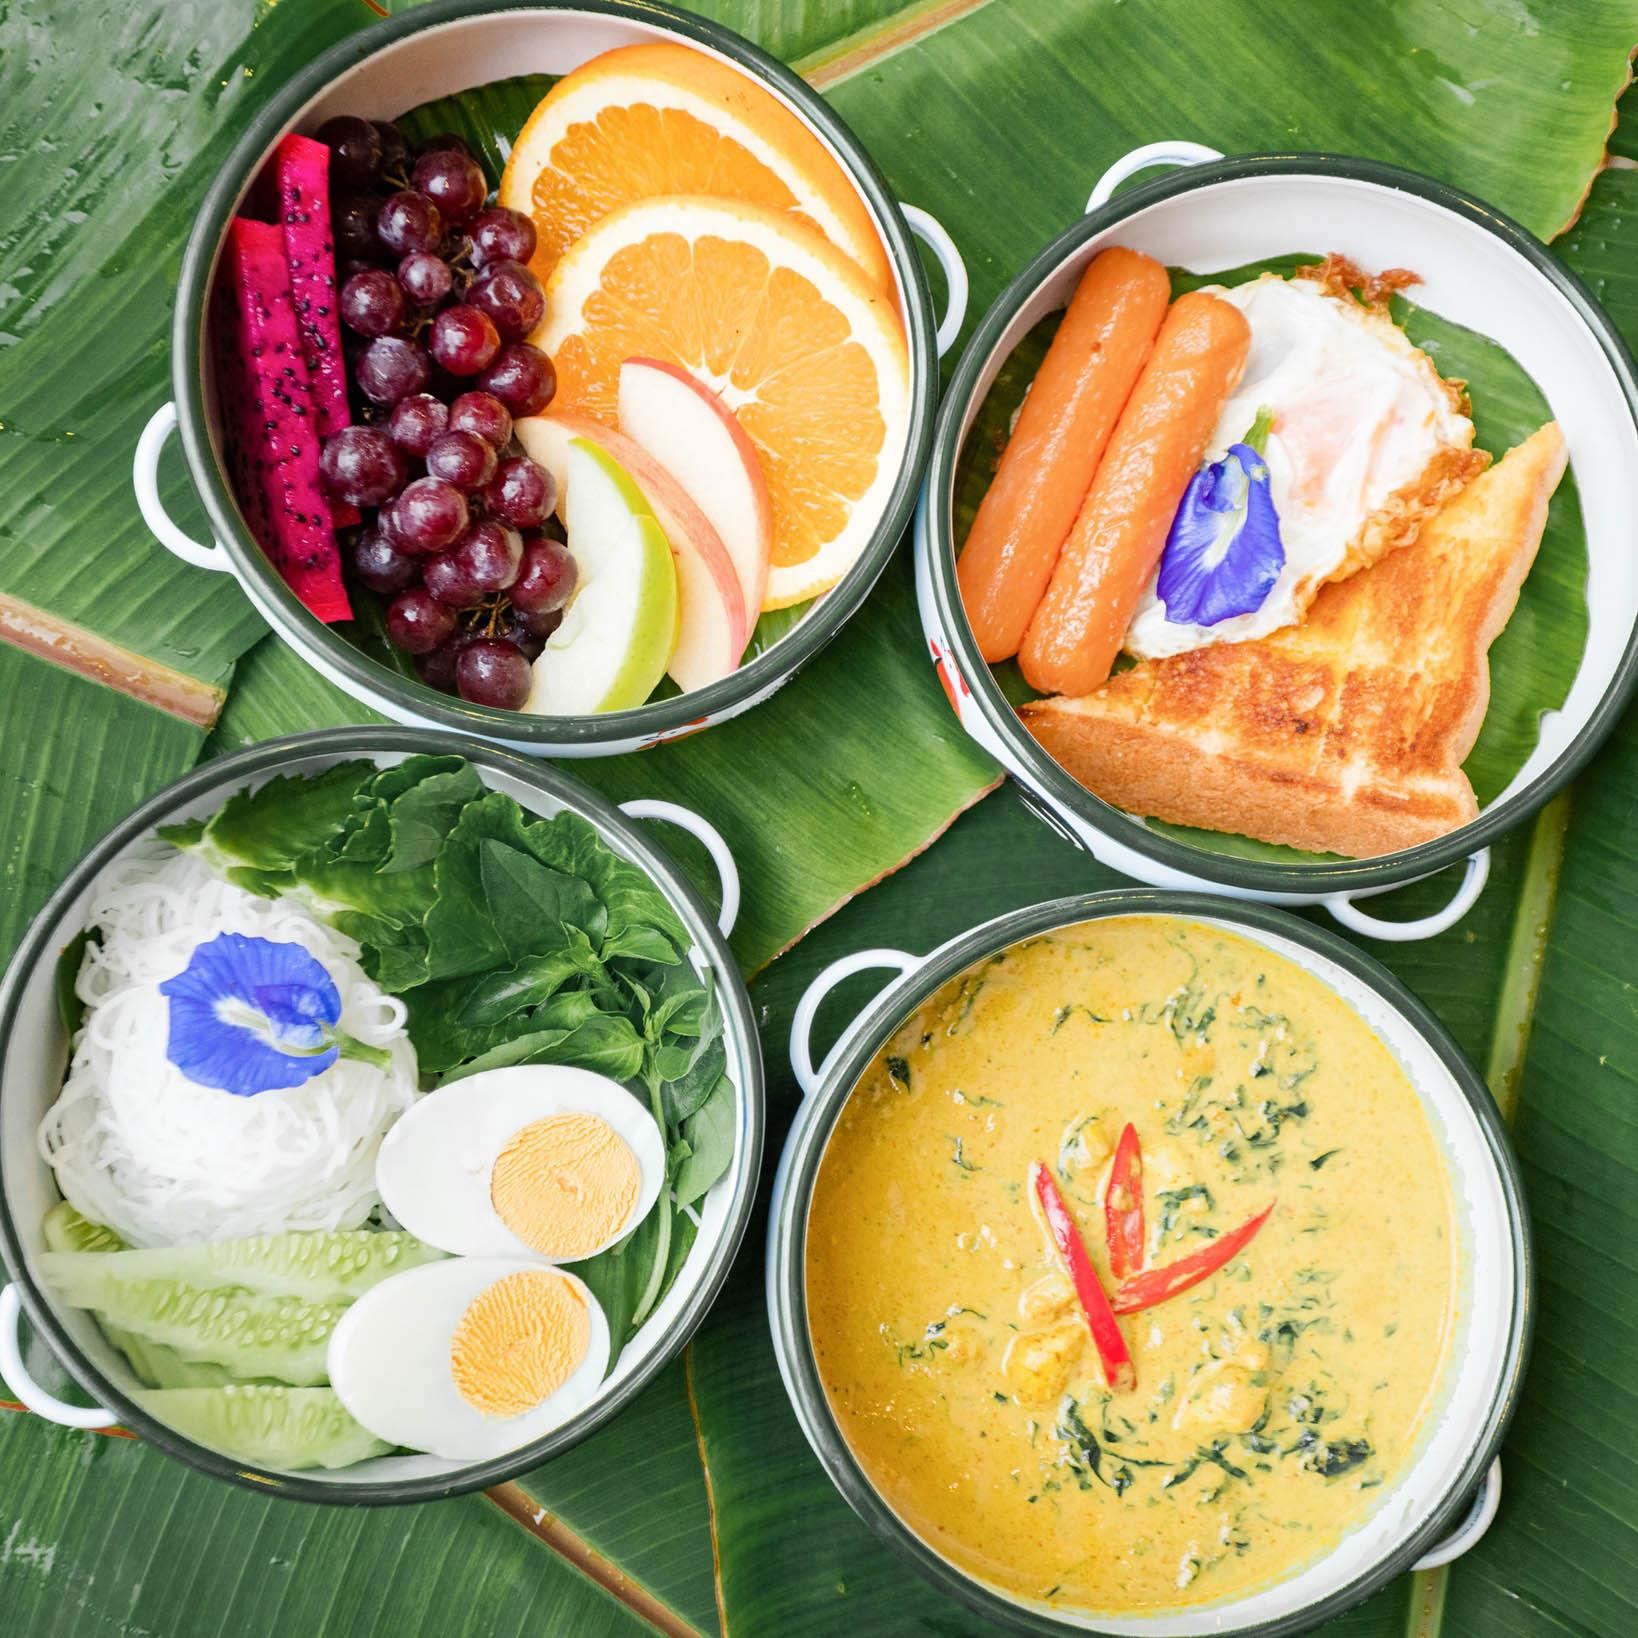 อาหารเช้าฟินๆ-สไตล์ปักษ์ใต้-ขนมจีนแกงปู-บอกเลยว่าสุดๆ  บ้านขุนเล,ขุนเลคอฟฟี่,ลานสกา,นครศรี,ที่พักเปิดใหม่,รีสอร์ท